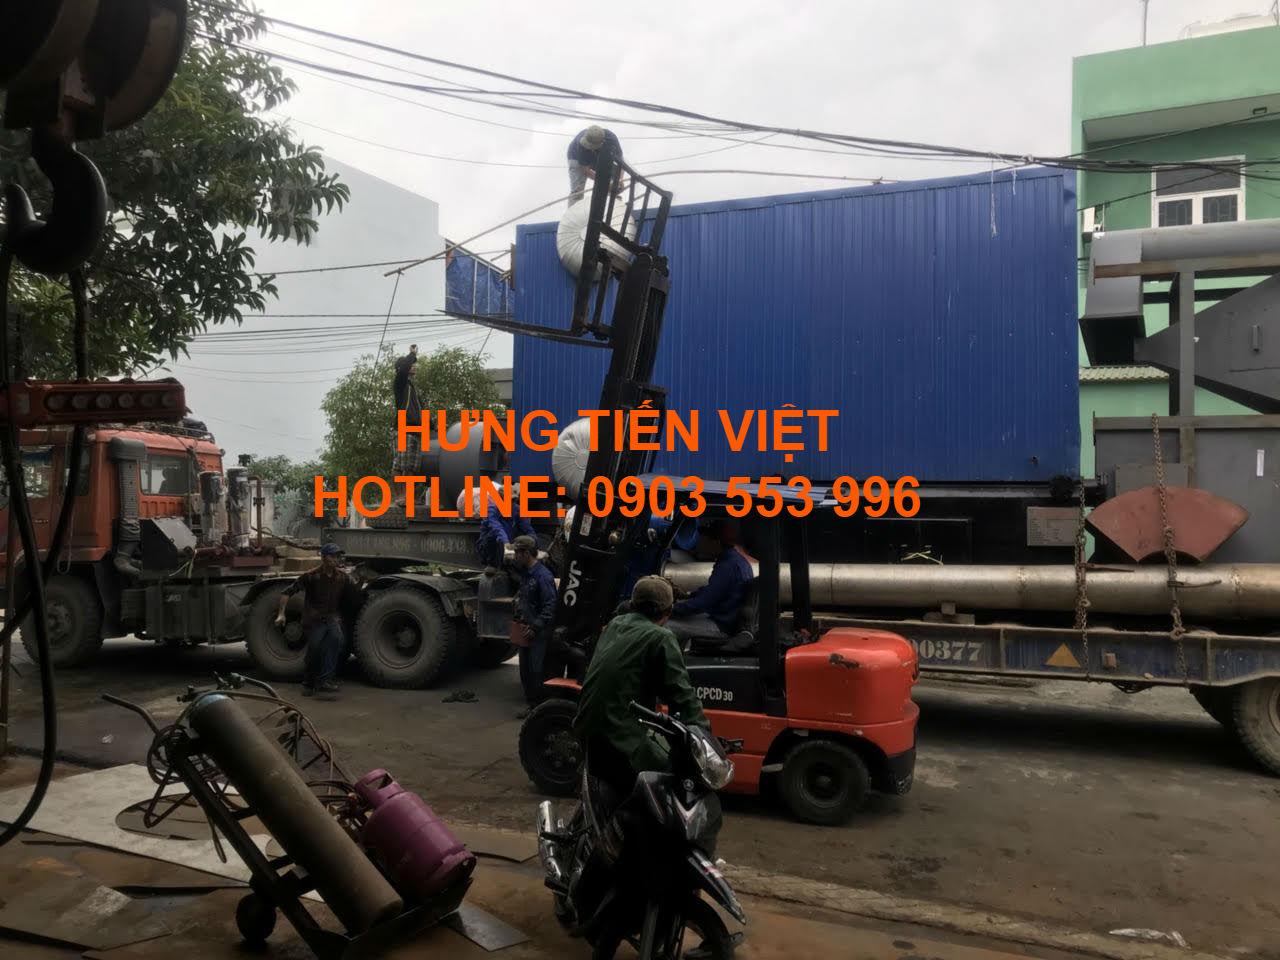 Dự án nồi hơi tầng sôi 4 tấn quận Cẩm Lệ, Đà Nẵng